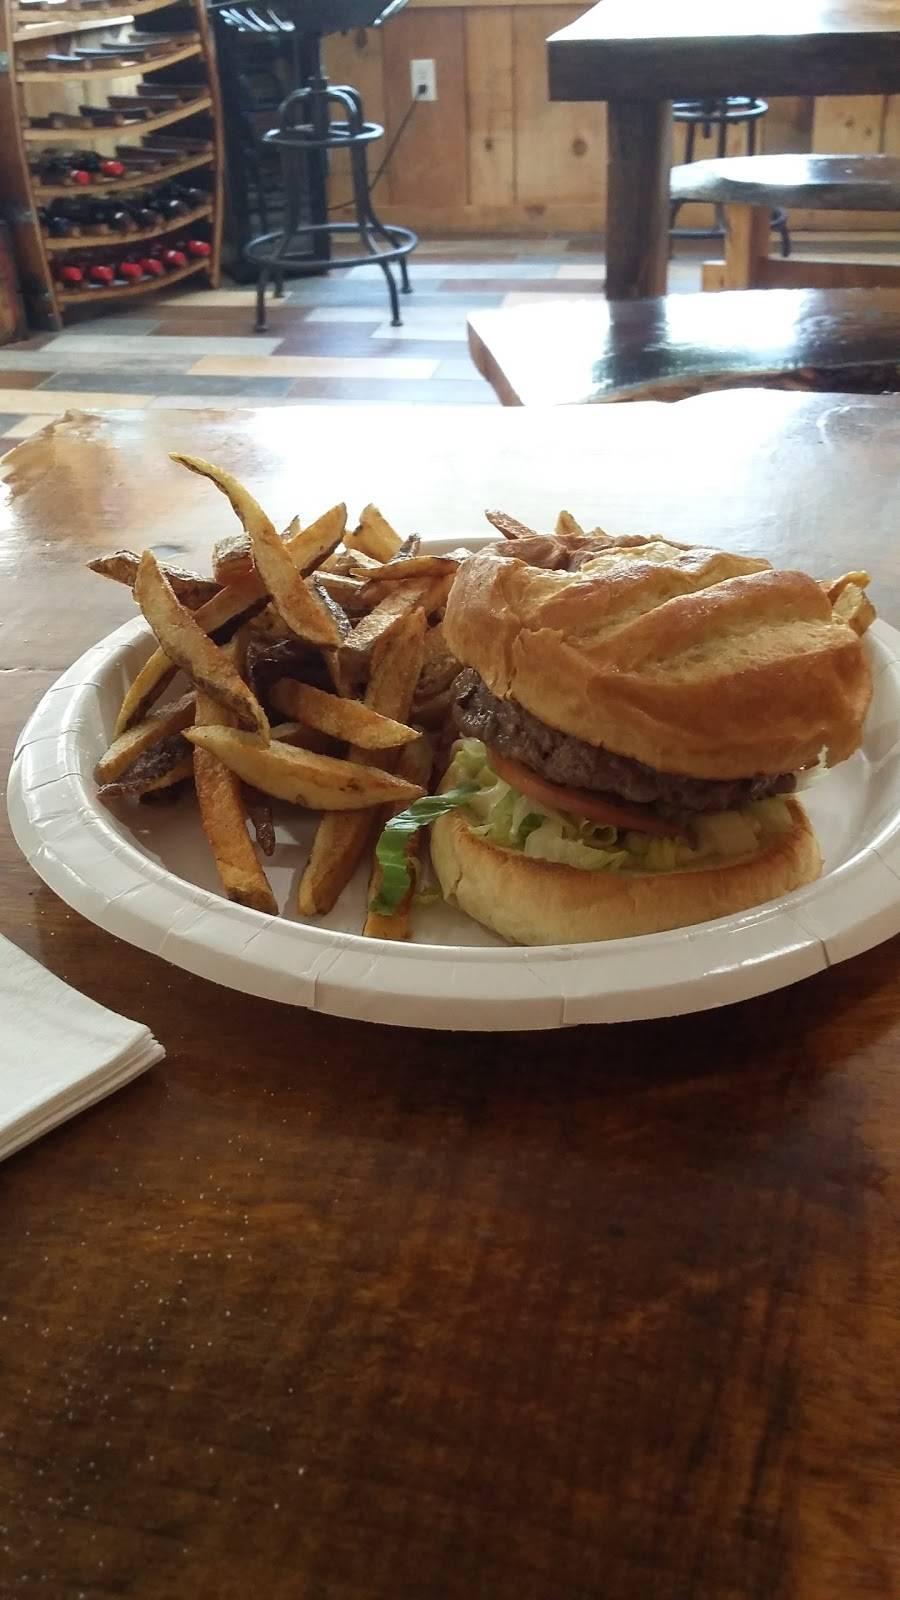 Gilmanton Cafe | restaurant | 518 Province Rd, Gilmanton, NH 03237, USA | 6035278047 OR +1 603-527-8047